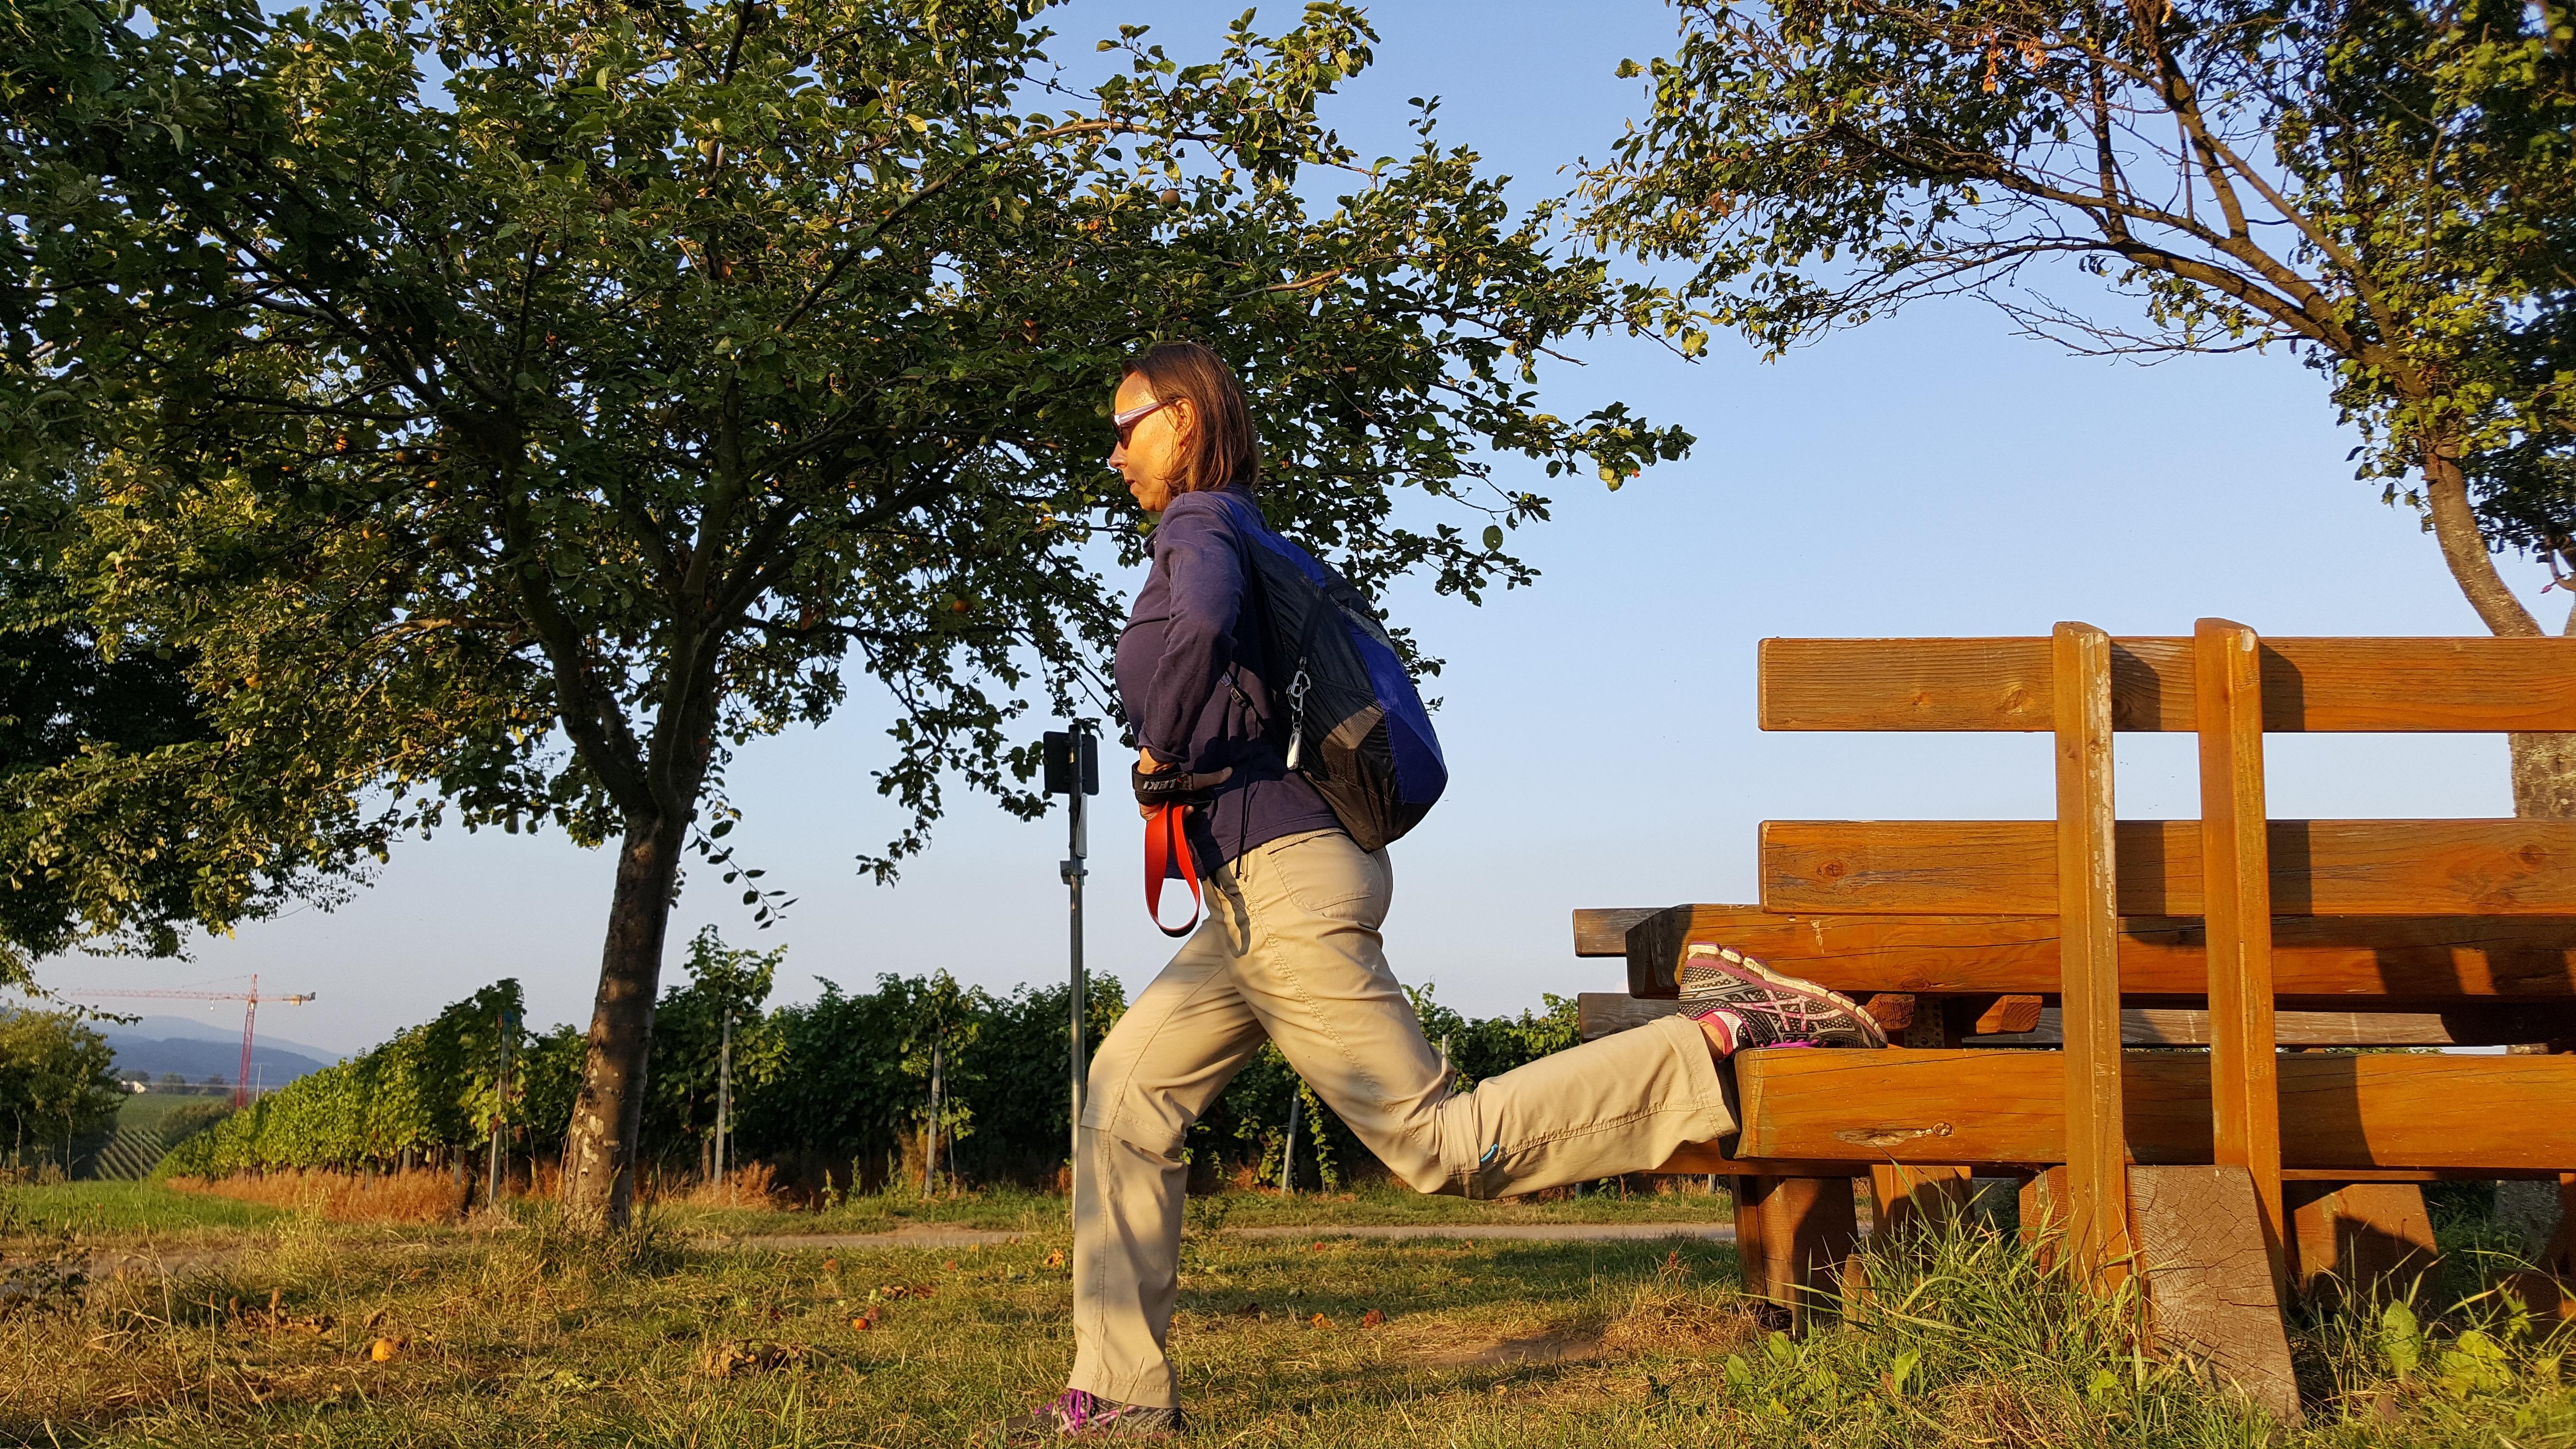 Sitzt Du viel und kommst auch sonst wenig raus an die frische Luft?